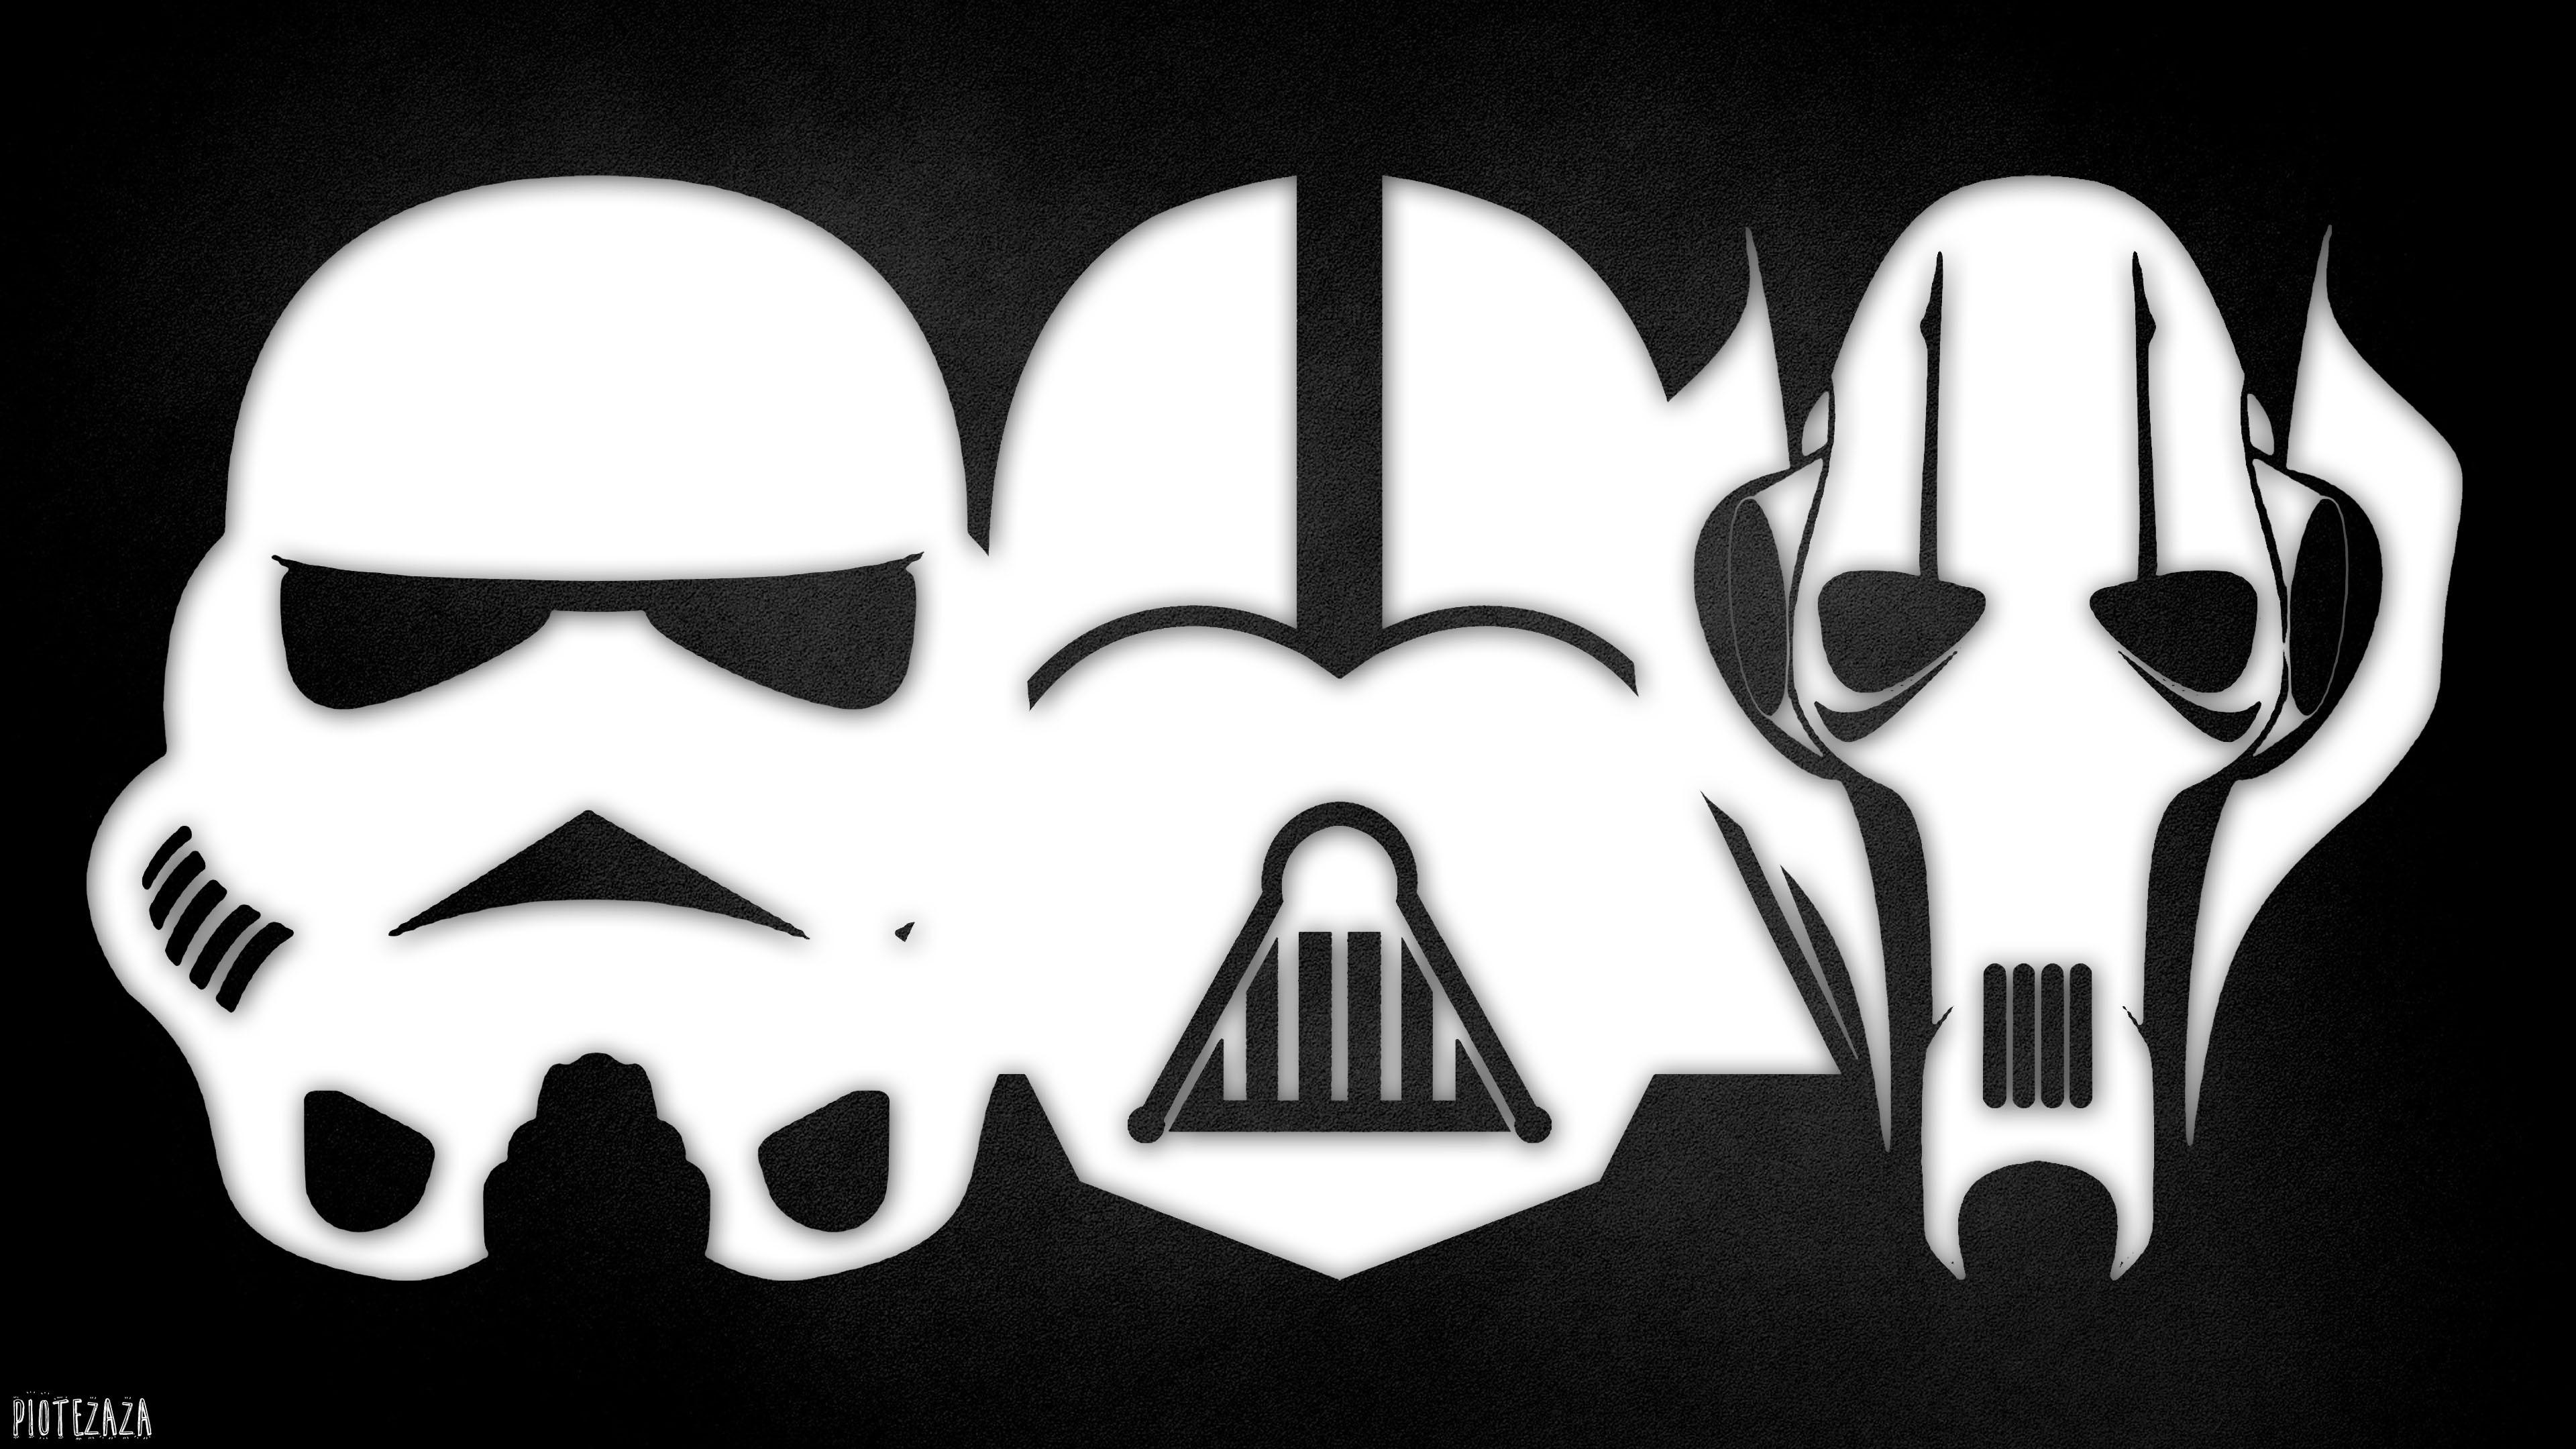 Fond D Ecran Illustration Guerres Des Etoiles Monochrome Logo